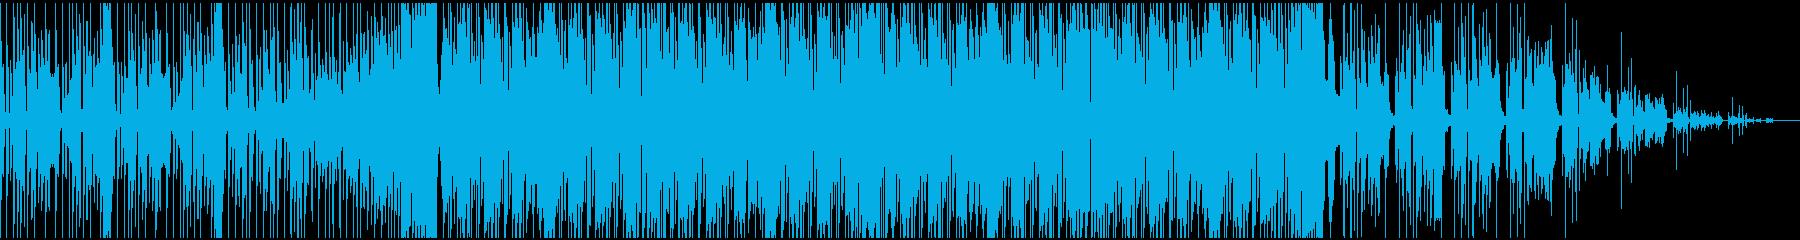 ノリノリなフィルターハウスの再生済みの波形